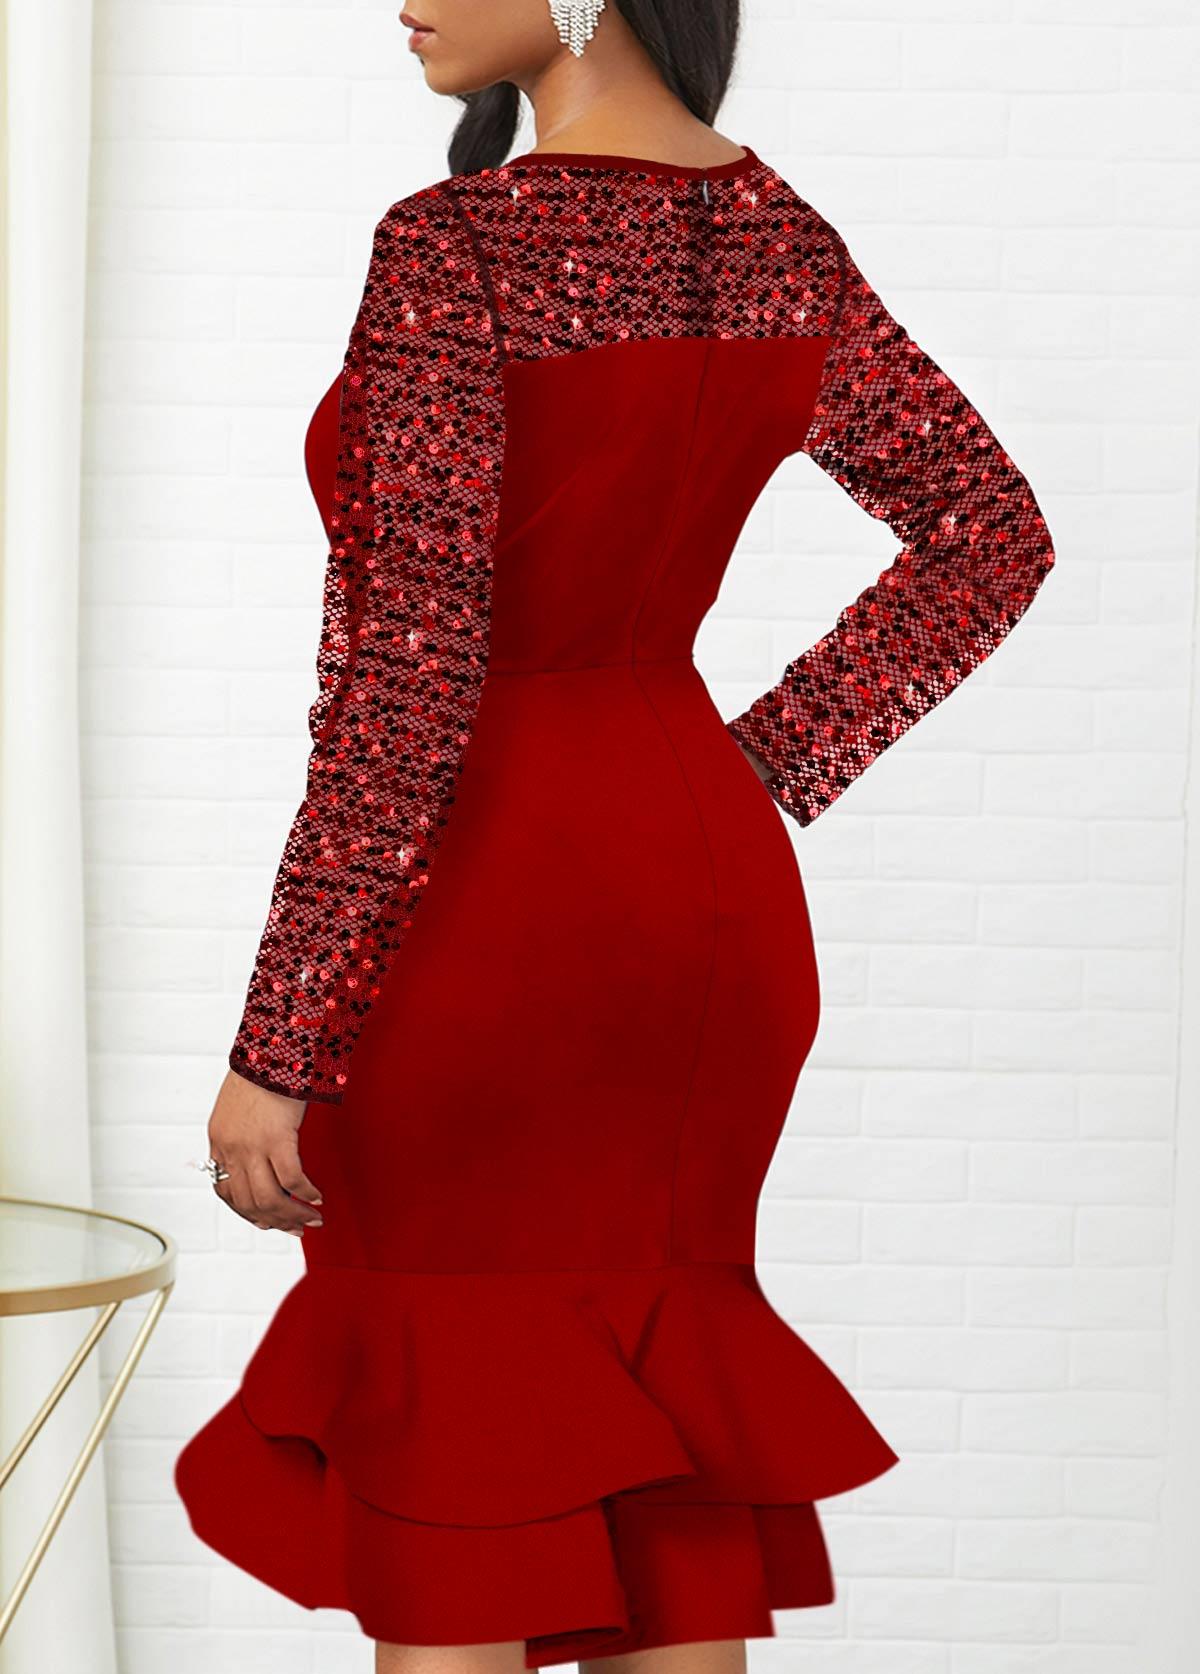 Sequin Detail Round Neck Mermaid Dress